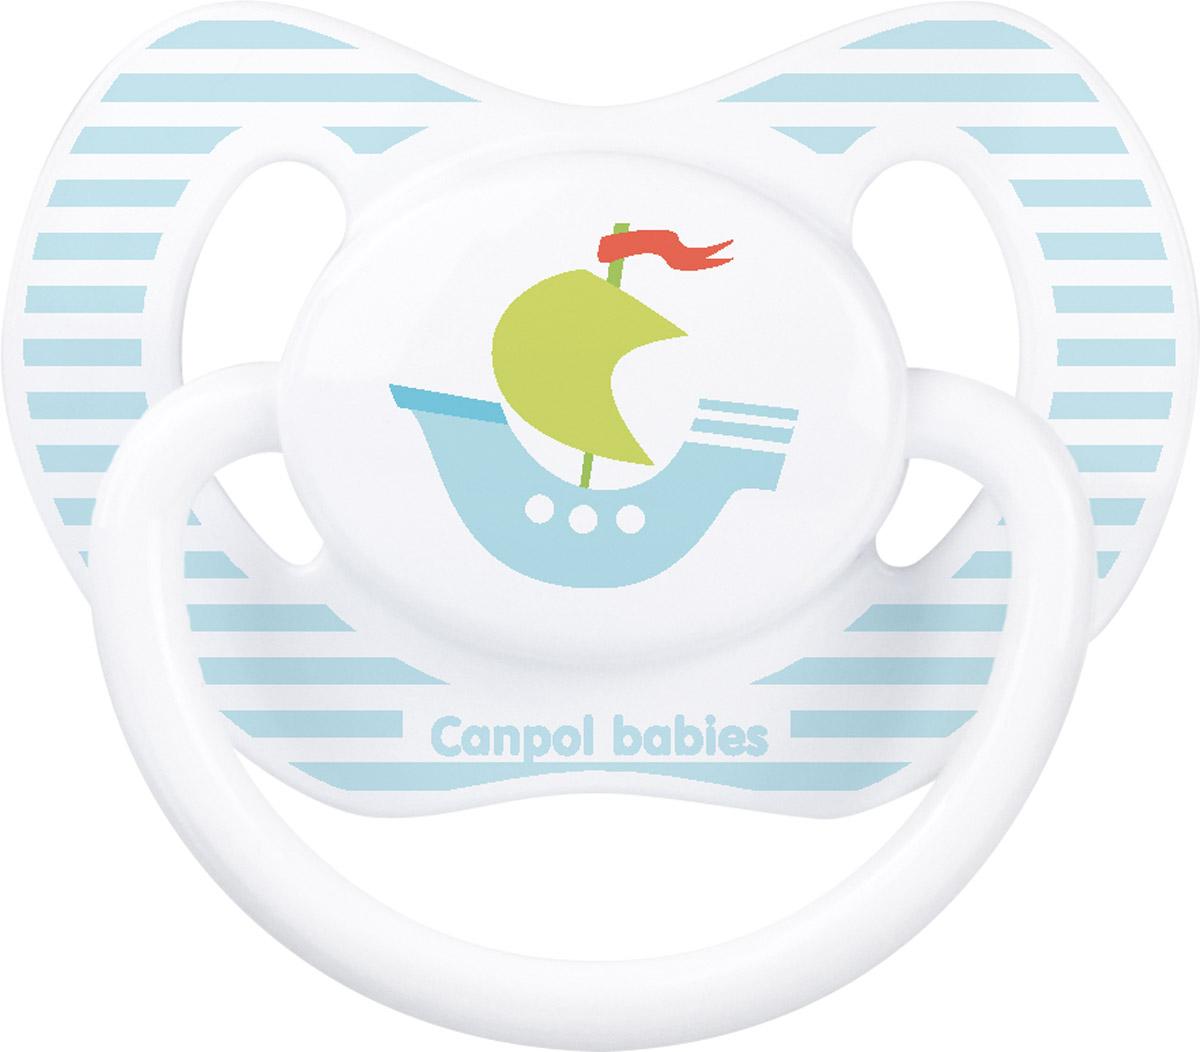 Canpol Babies Пустышка силиконовая ортодонтическая Кораблик от 6 до 18 месяцев bibi пустышка ортодонтическая дневная я люблю россию от 0 до 6 месяцев цвет сиреневый